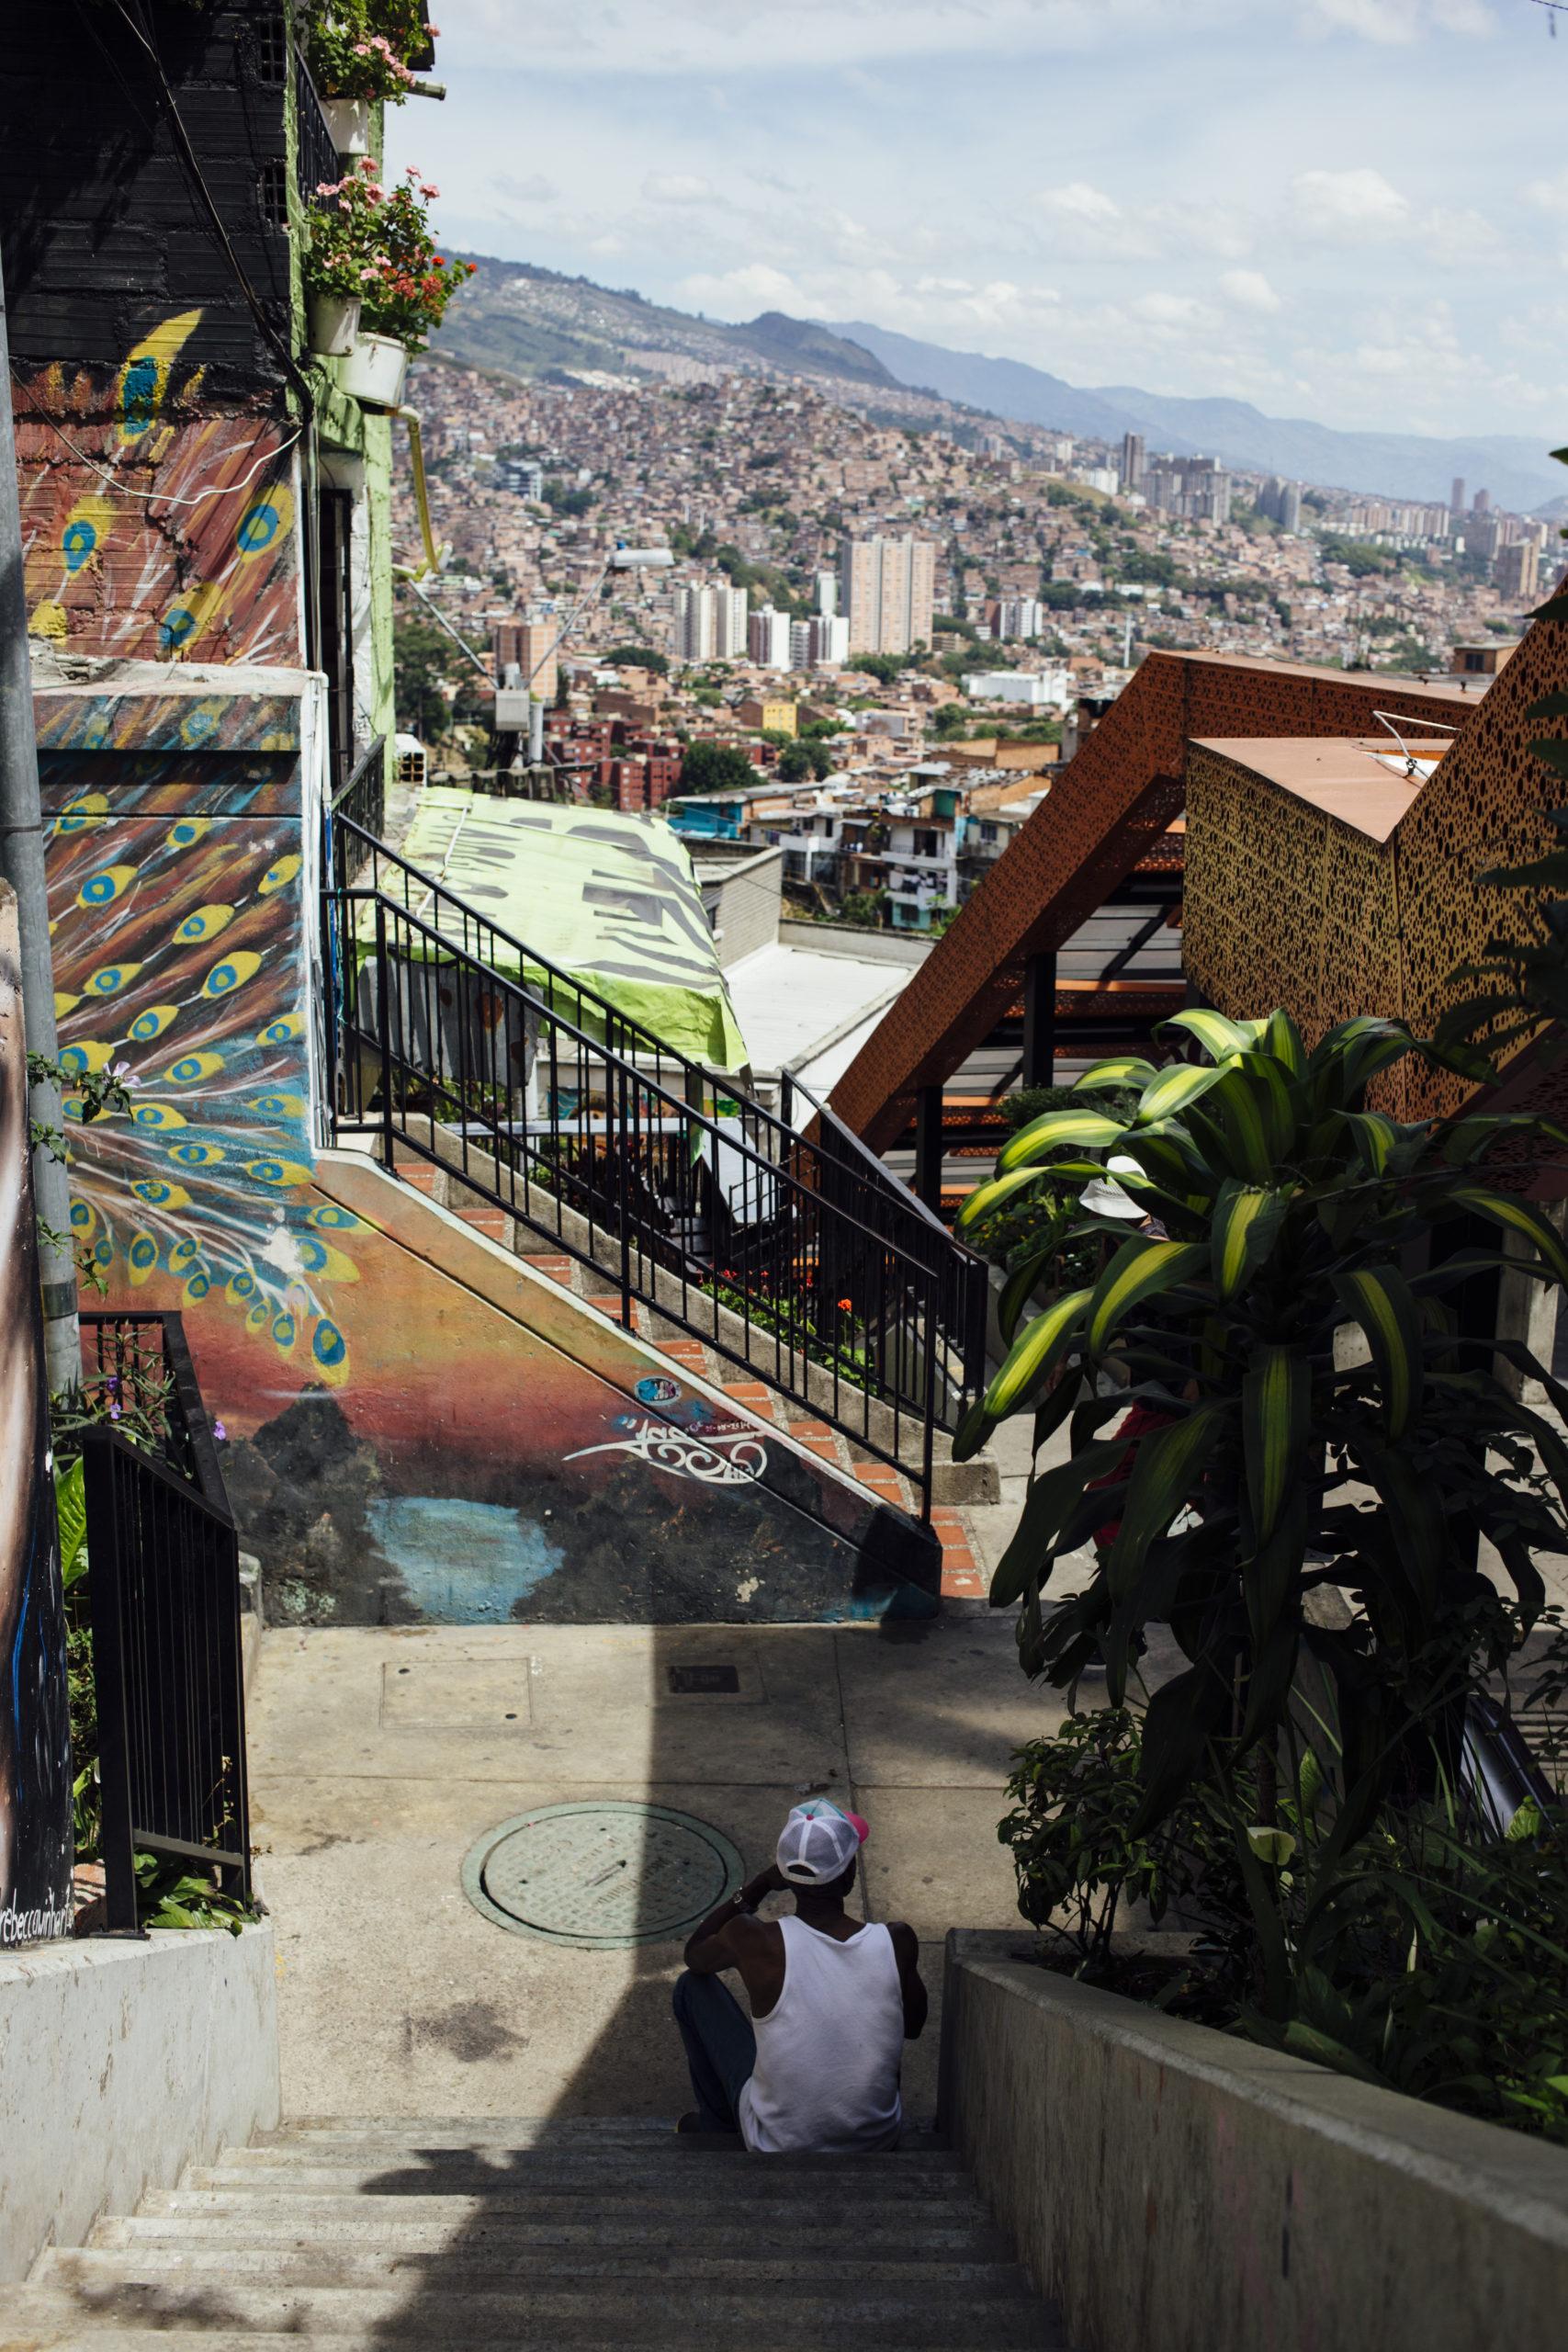 Aseelliset ryhmät hallitsevat Comuna 13:n sokkeloisia kortteleita.